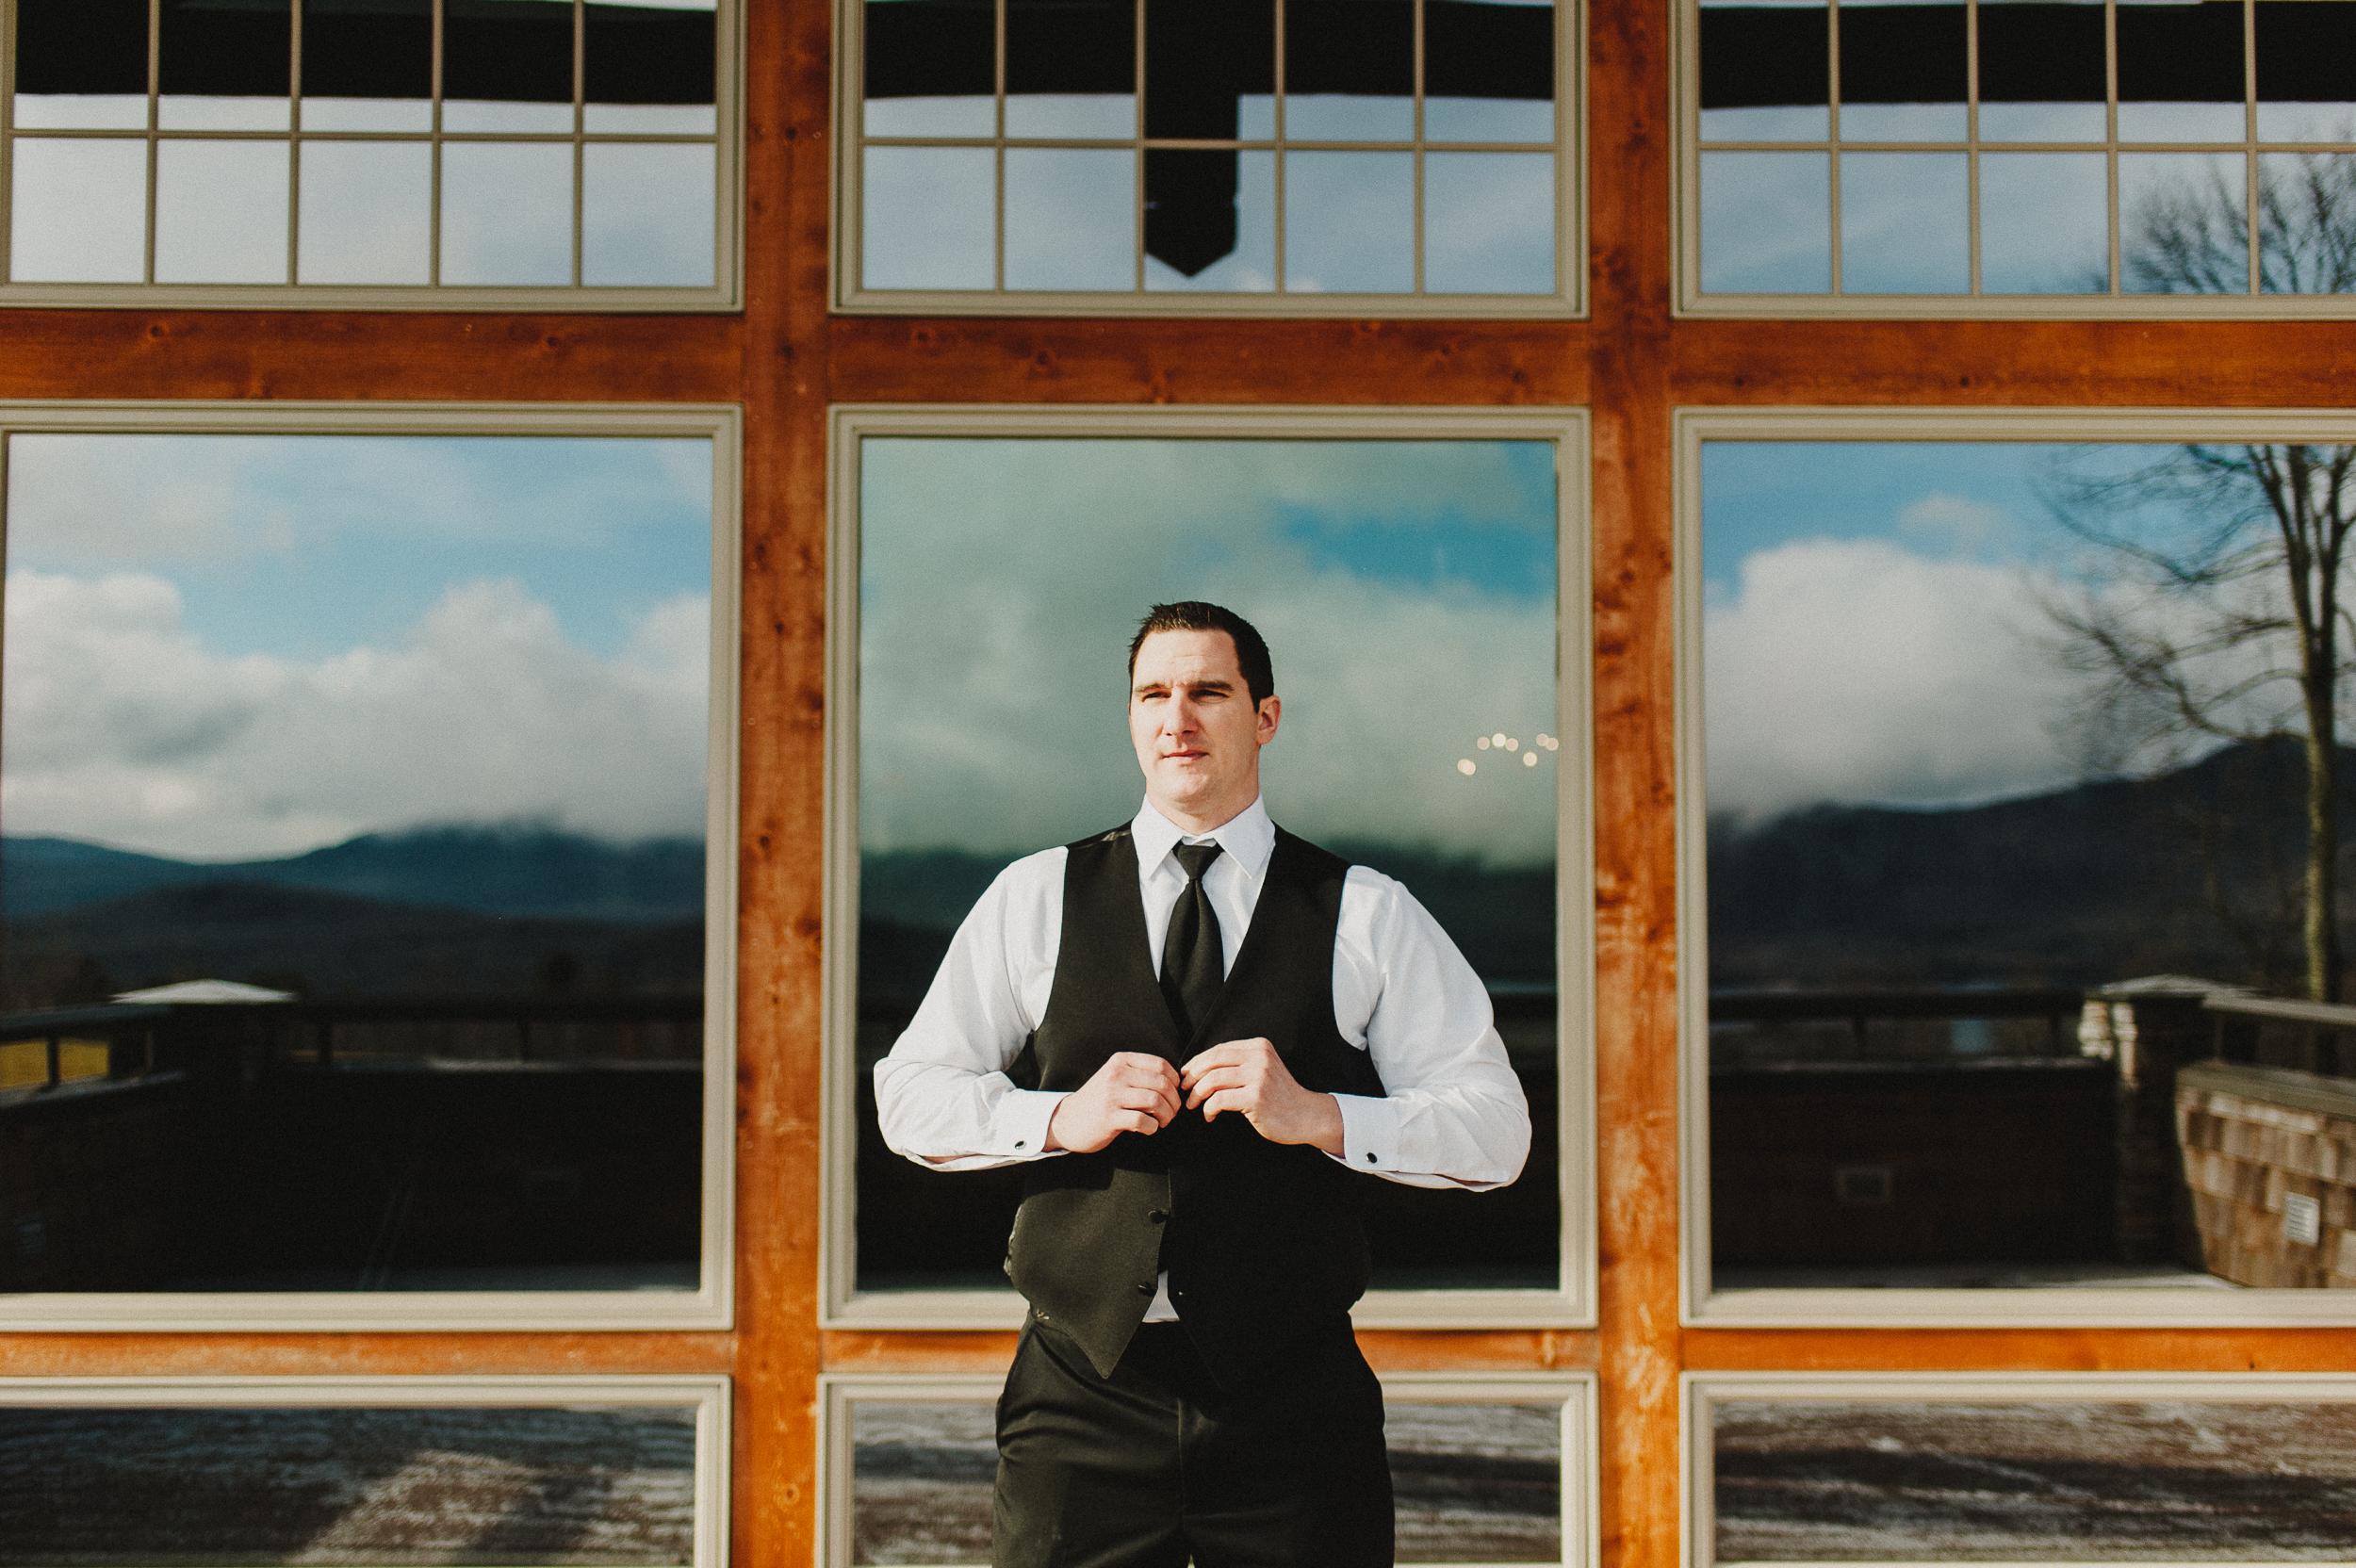 vermont-destination-wedding-photographer-10.jpg